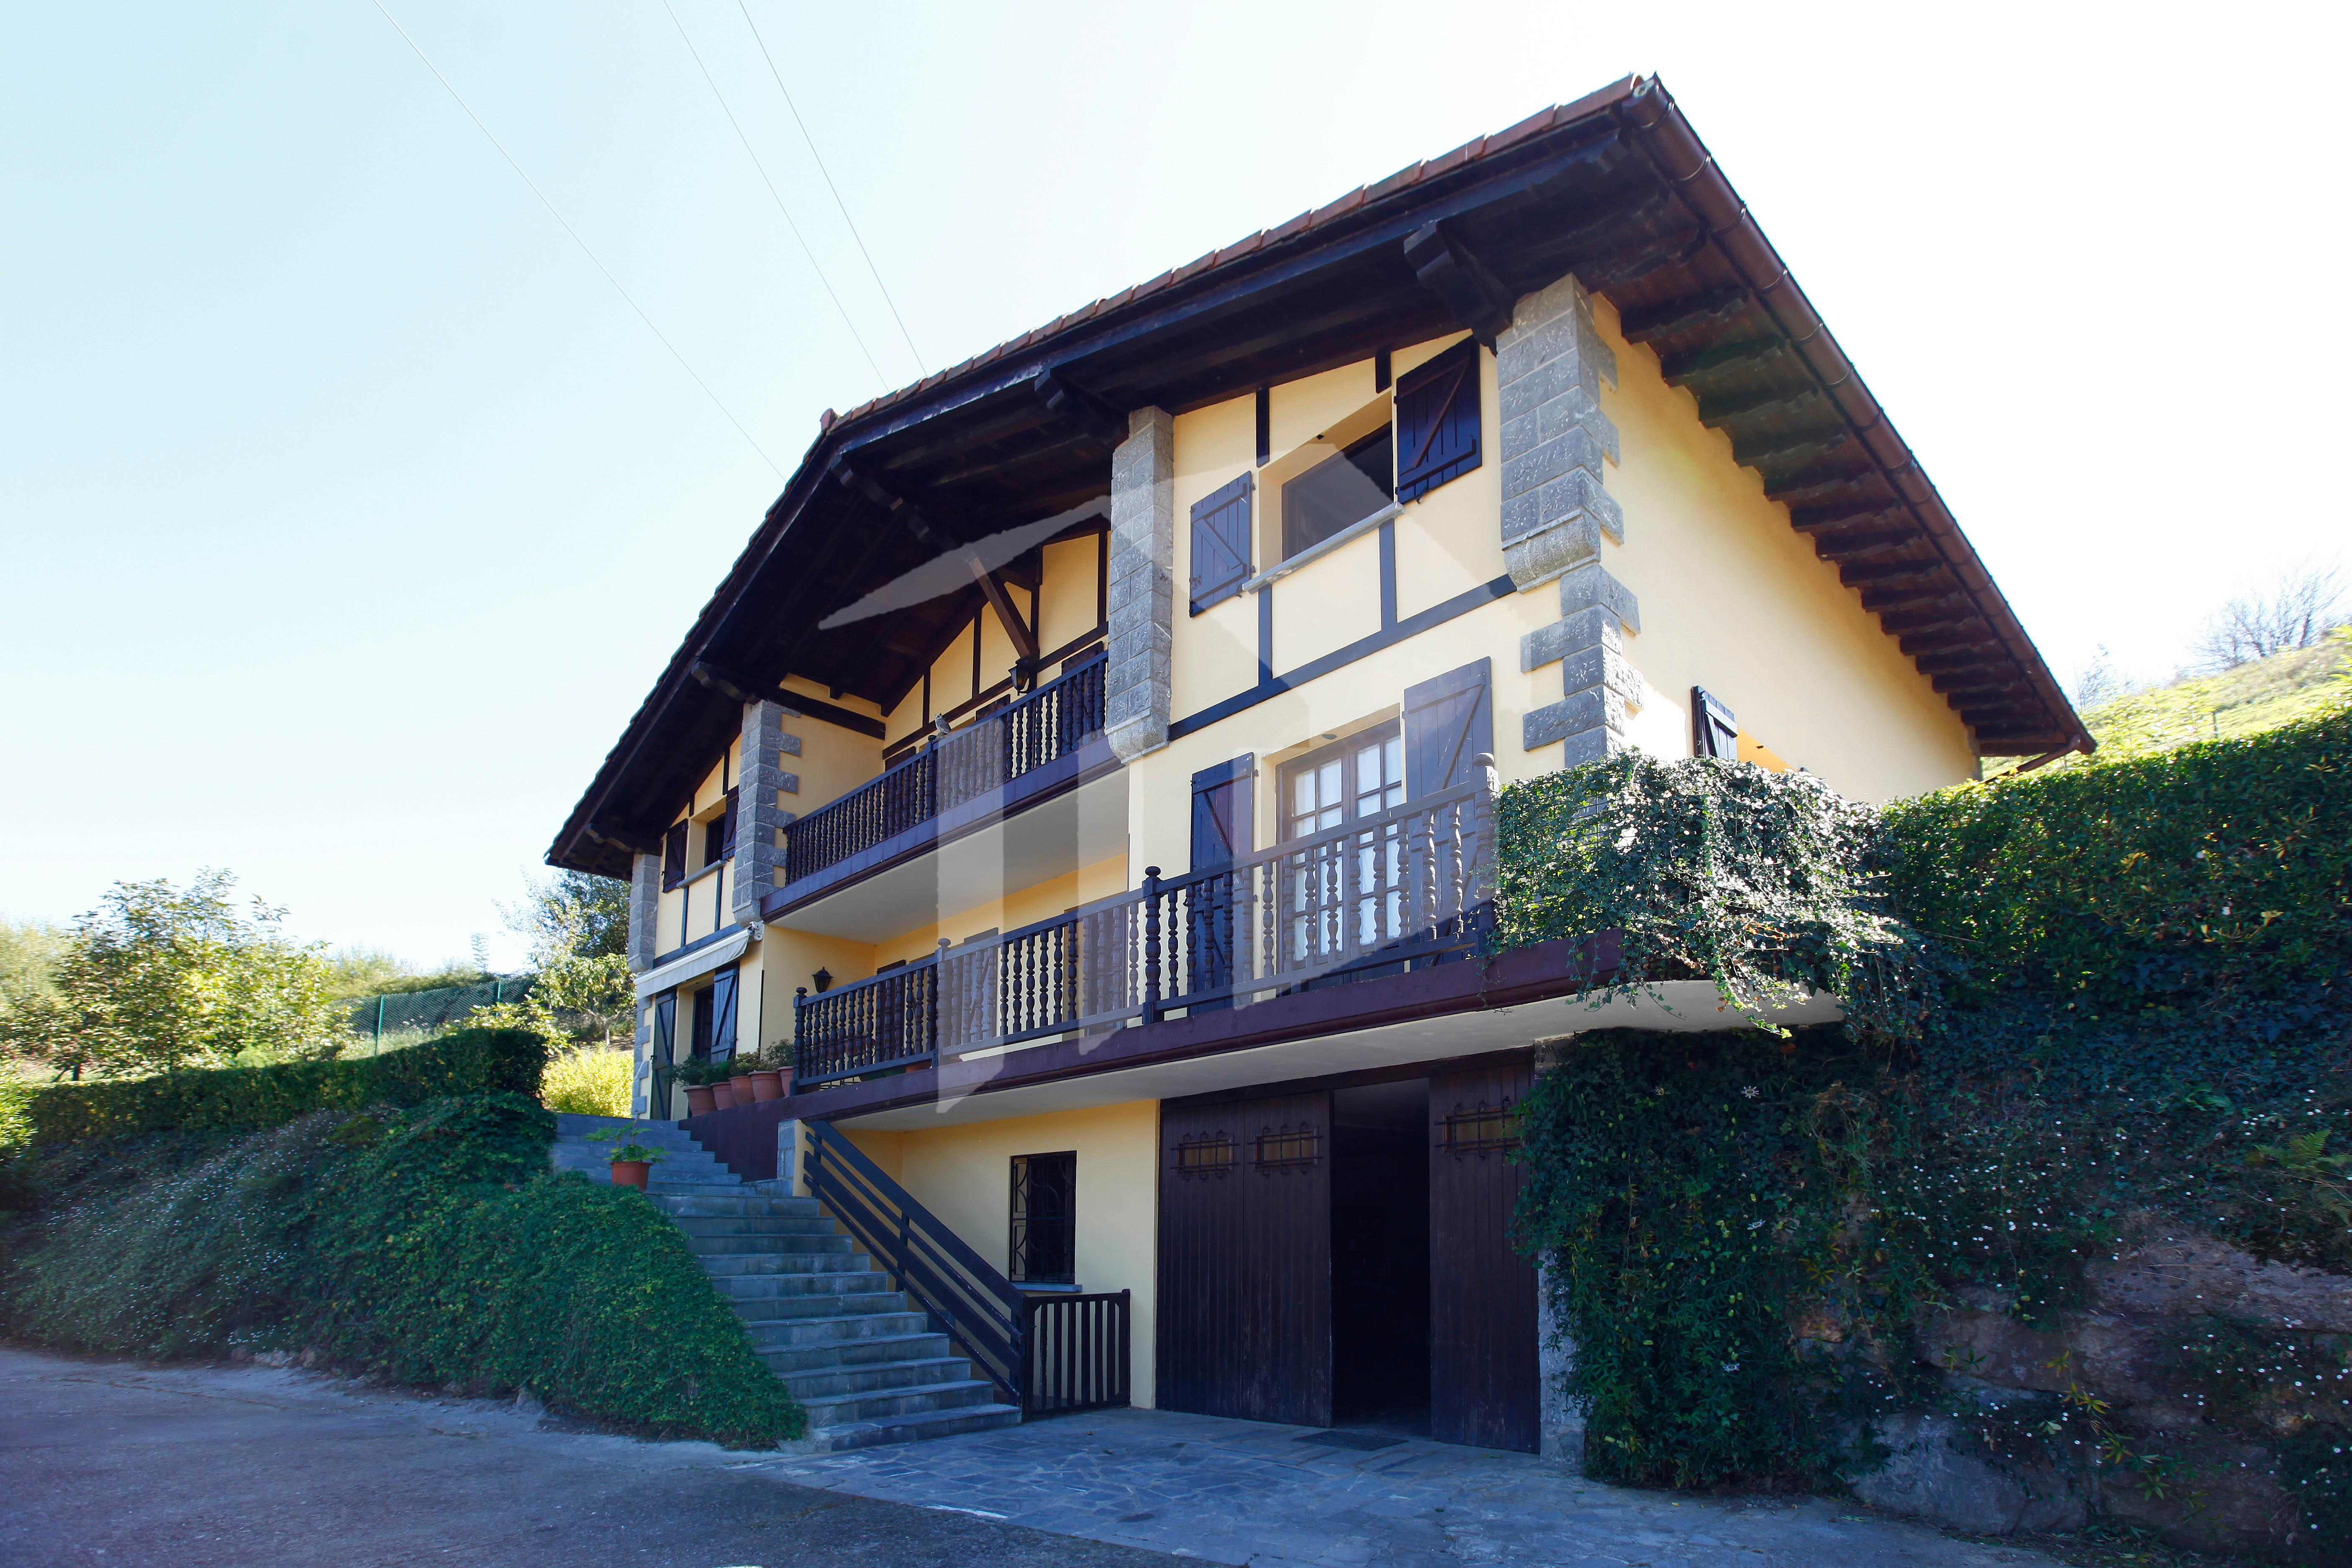 Splendide Villa Individuelle T6 de style basque avec une sufarce habitable de 239 m2, située au nord de la Navarre.